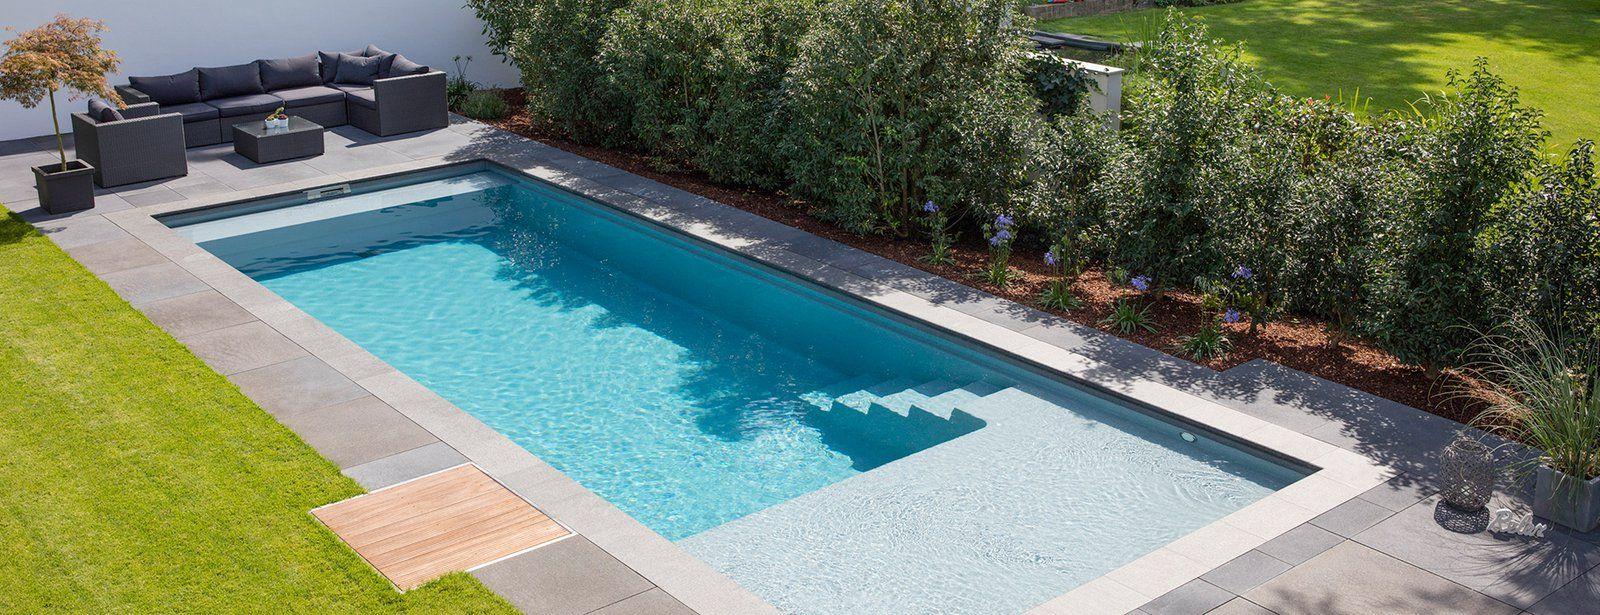 آمادگی برای تصفیه آب است باغ ویلا